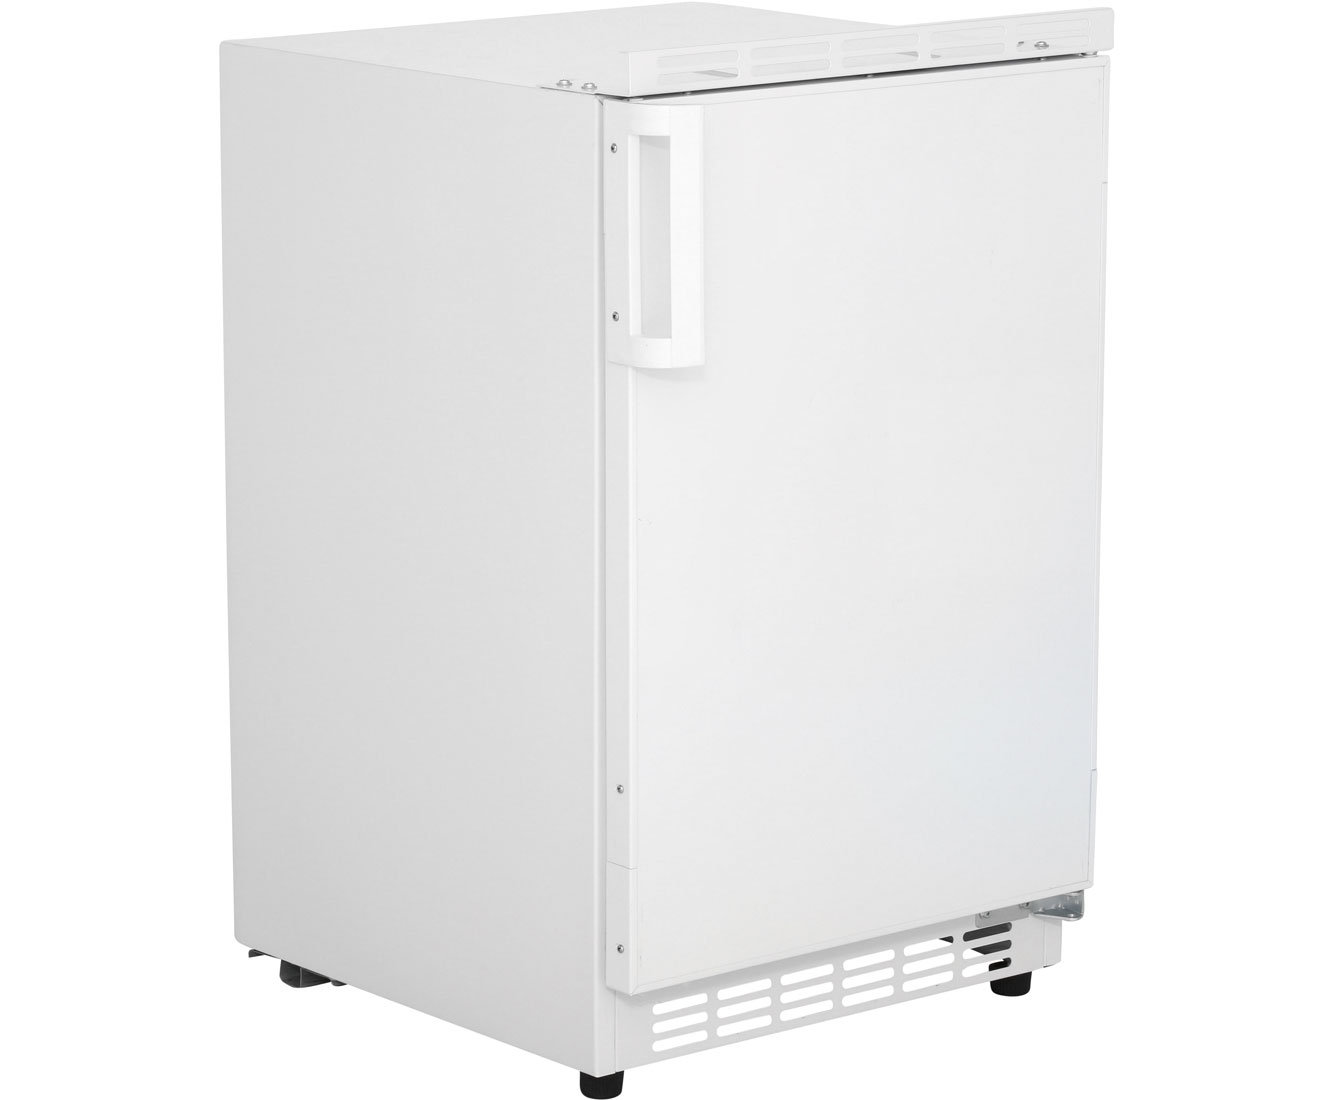 Amica UKS 16157 Kühlschränke - Weiß